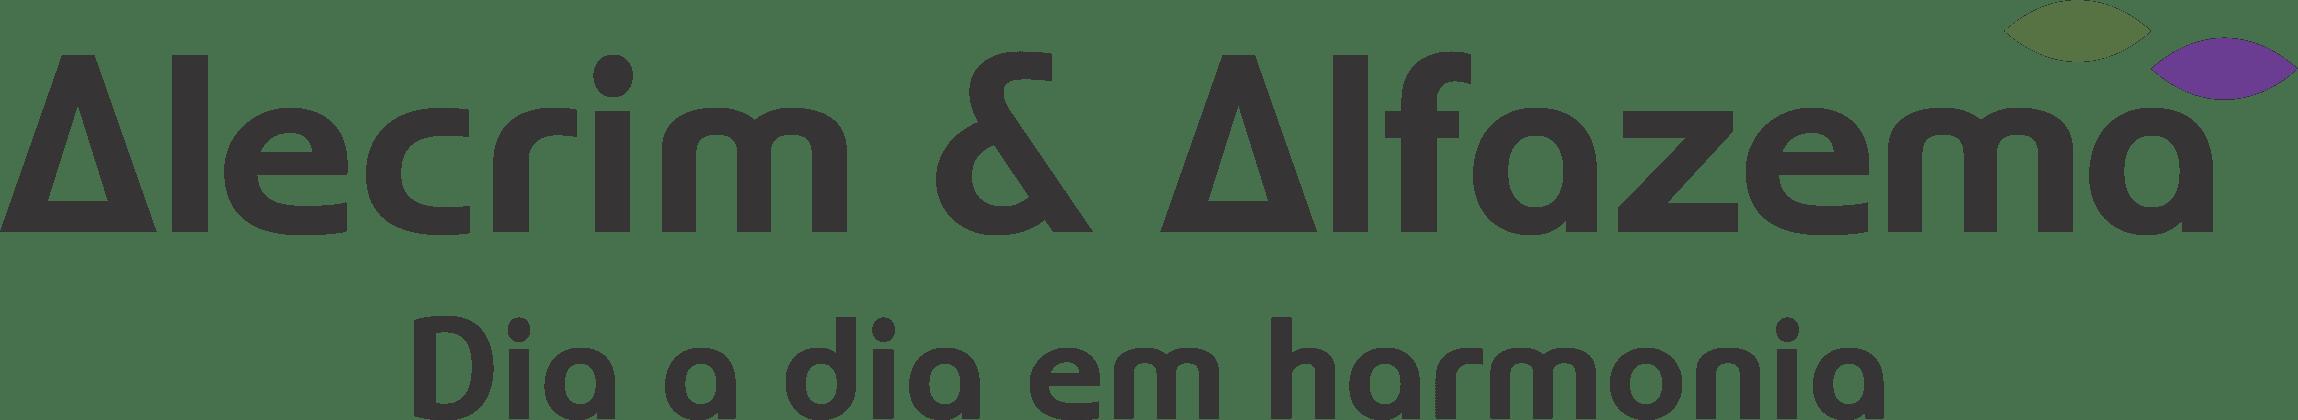 Alecrim e Alfazema